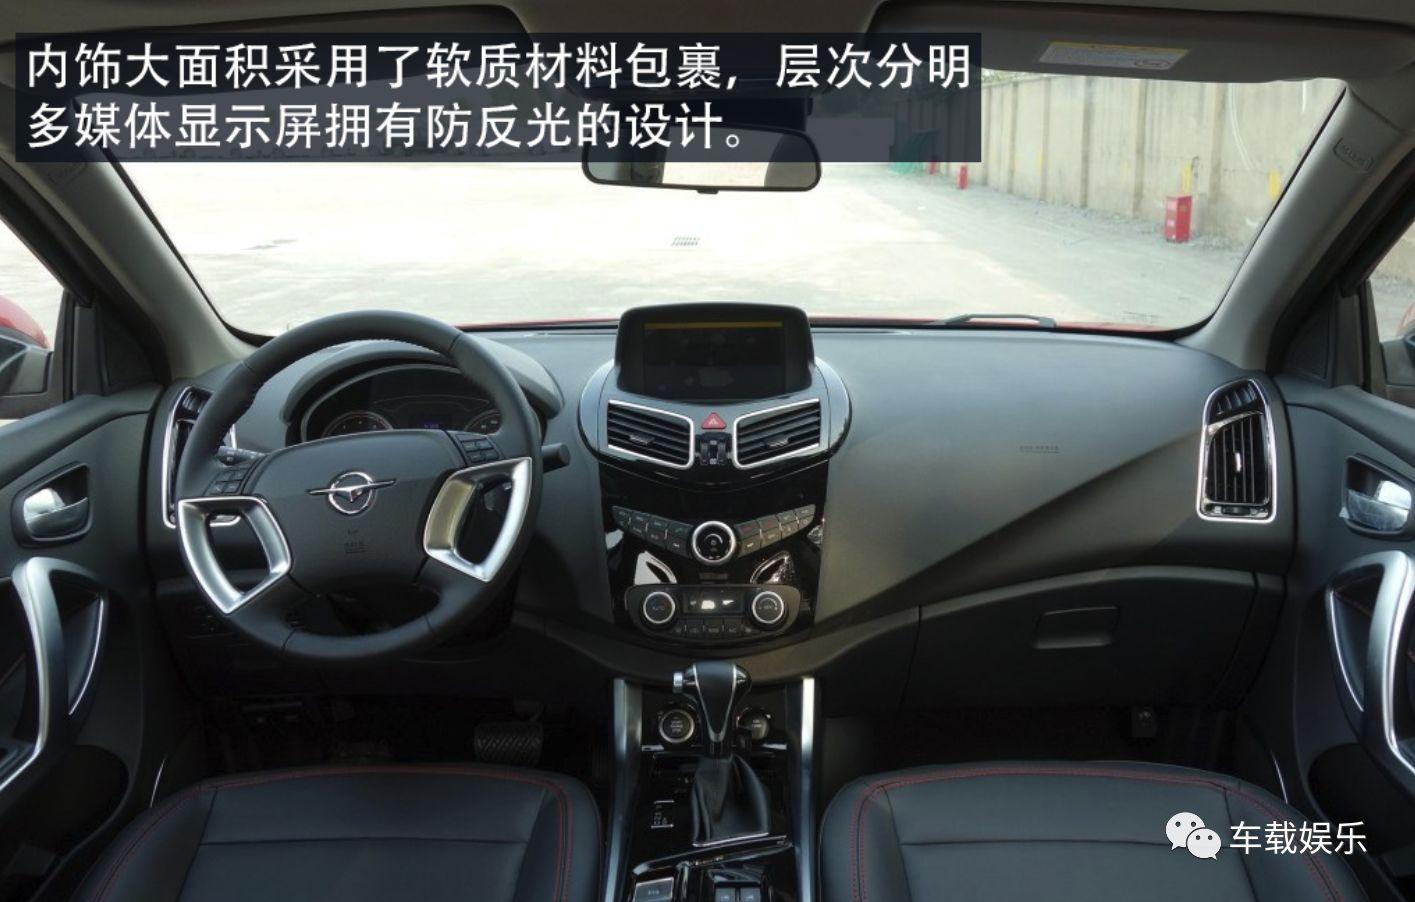 既是城市SUV又保留着越野车的野性2018款海马S5做到了